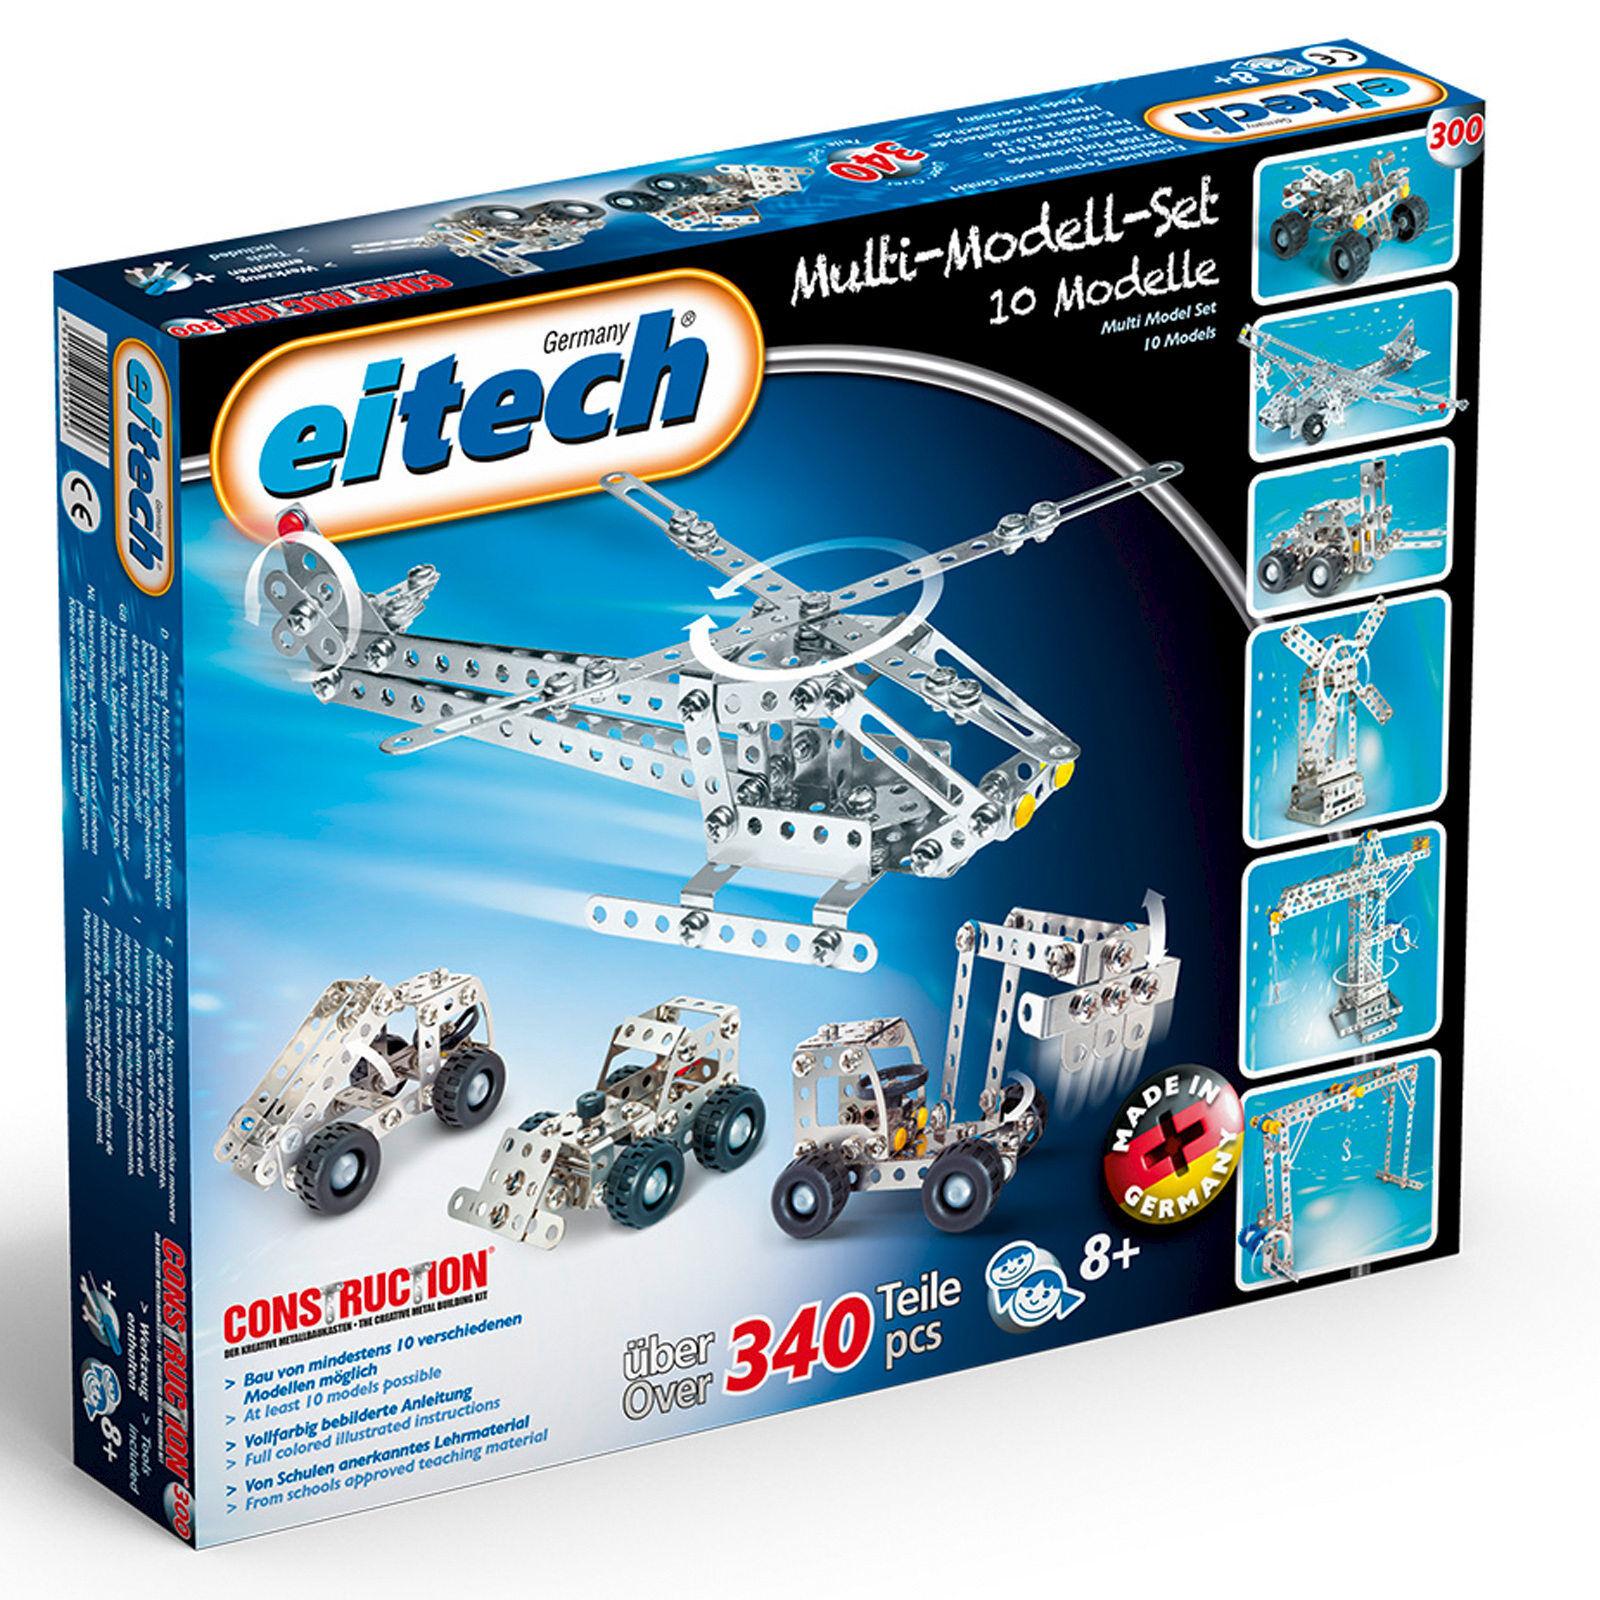 EITECH Metallbaukasten Multi Modell Set